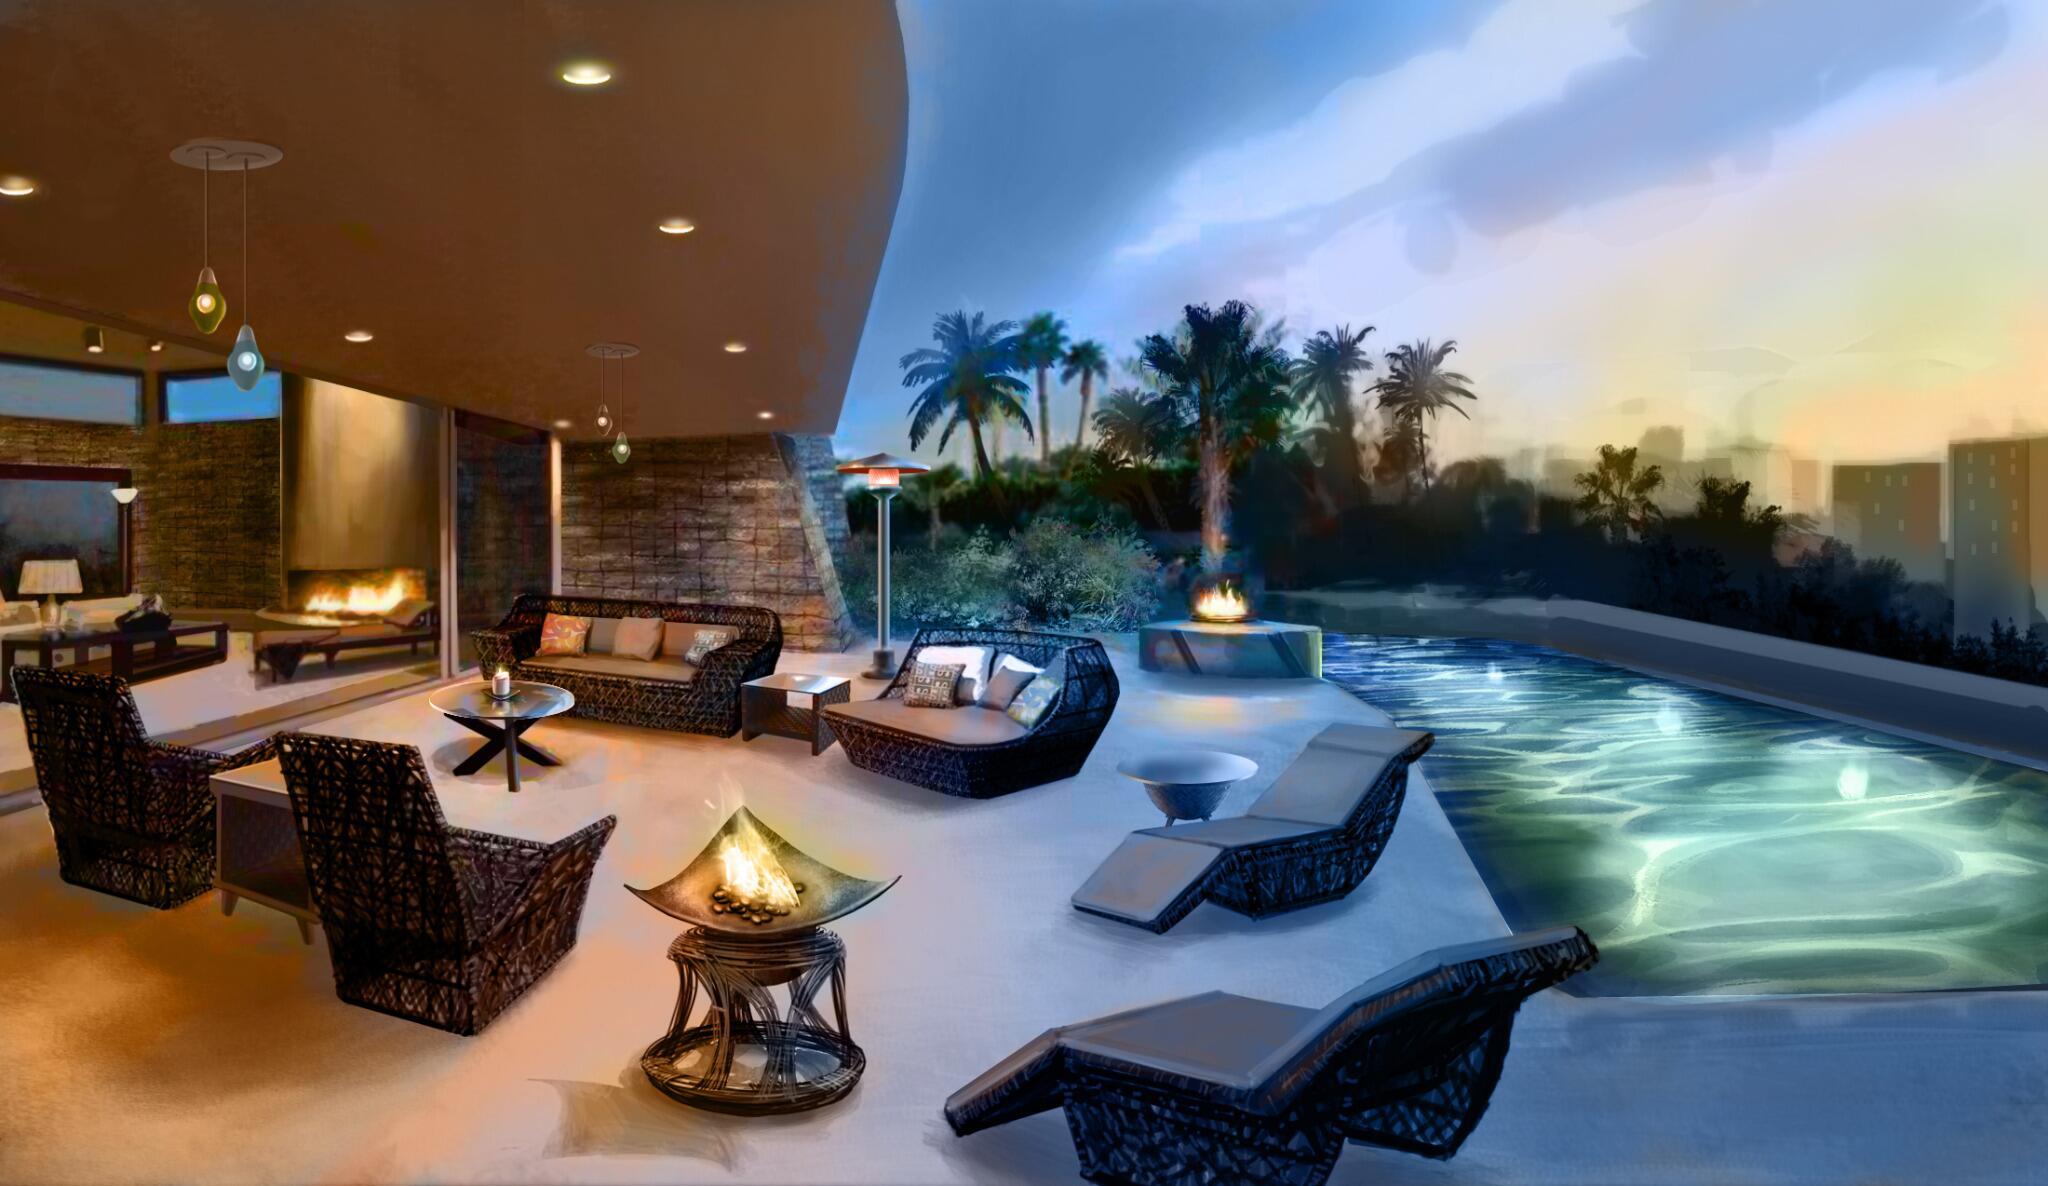 [Imagen]Los Sims 3 Al Caer la noche: terraza de apartamentos Bh0wAsyCEAA1ao4